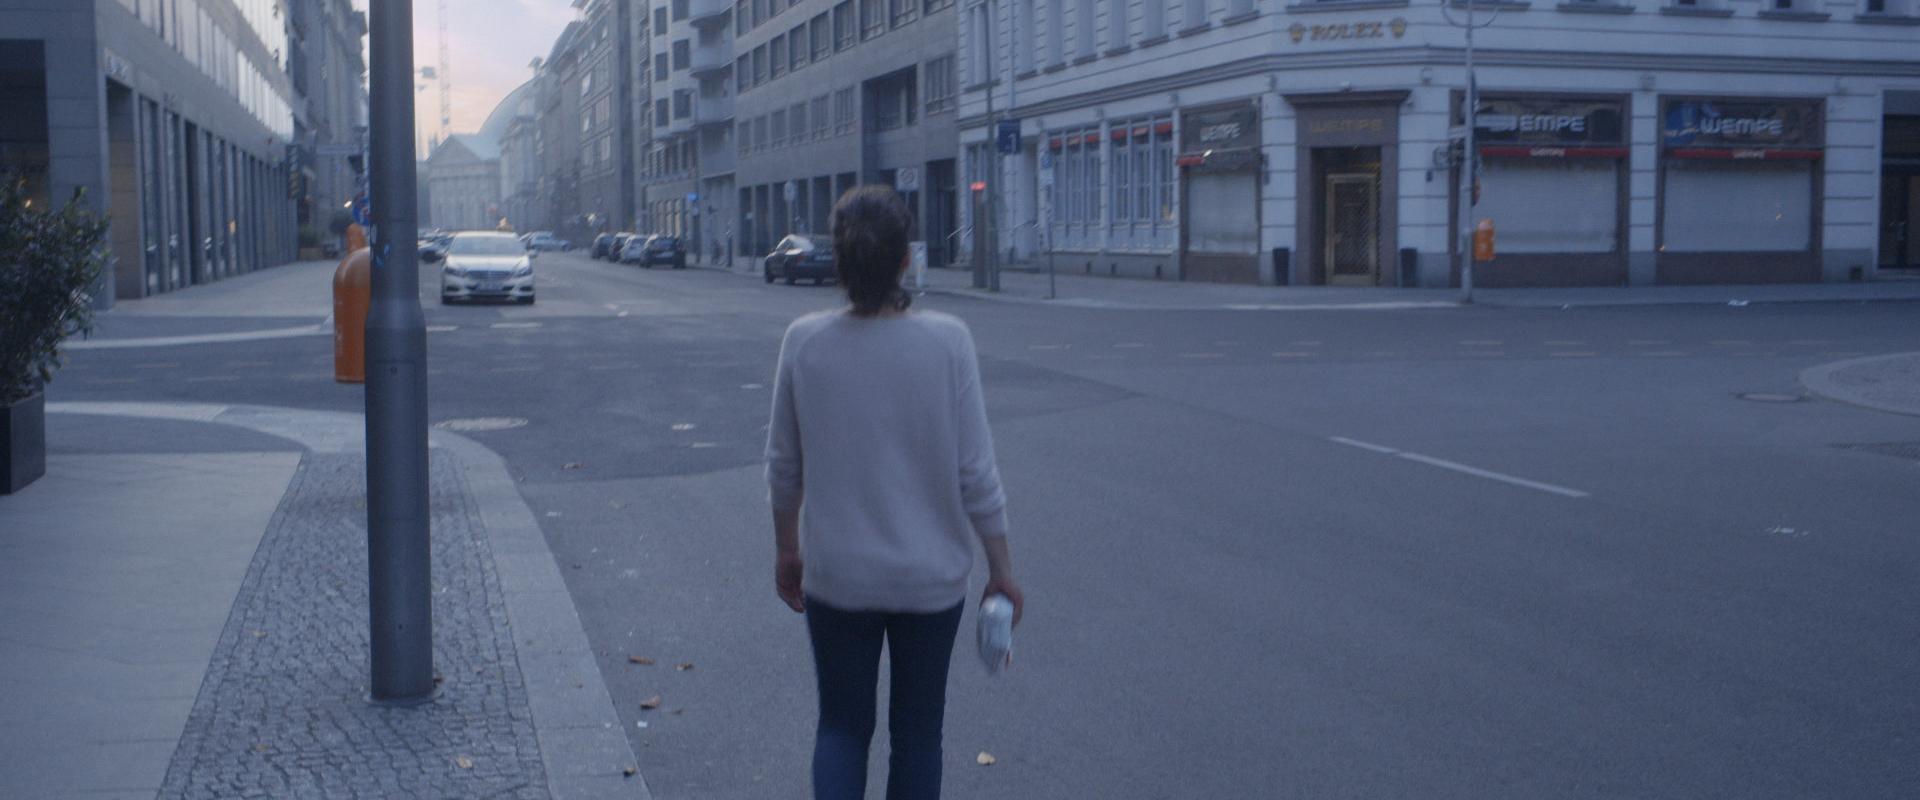 Risultati immagini per victoria film